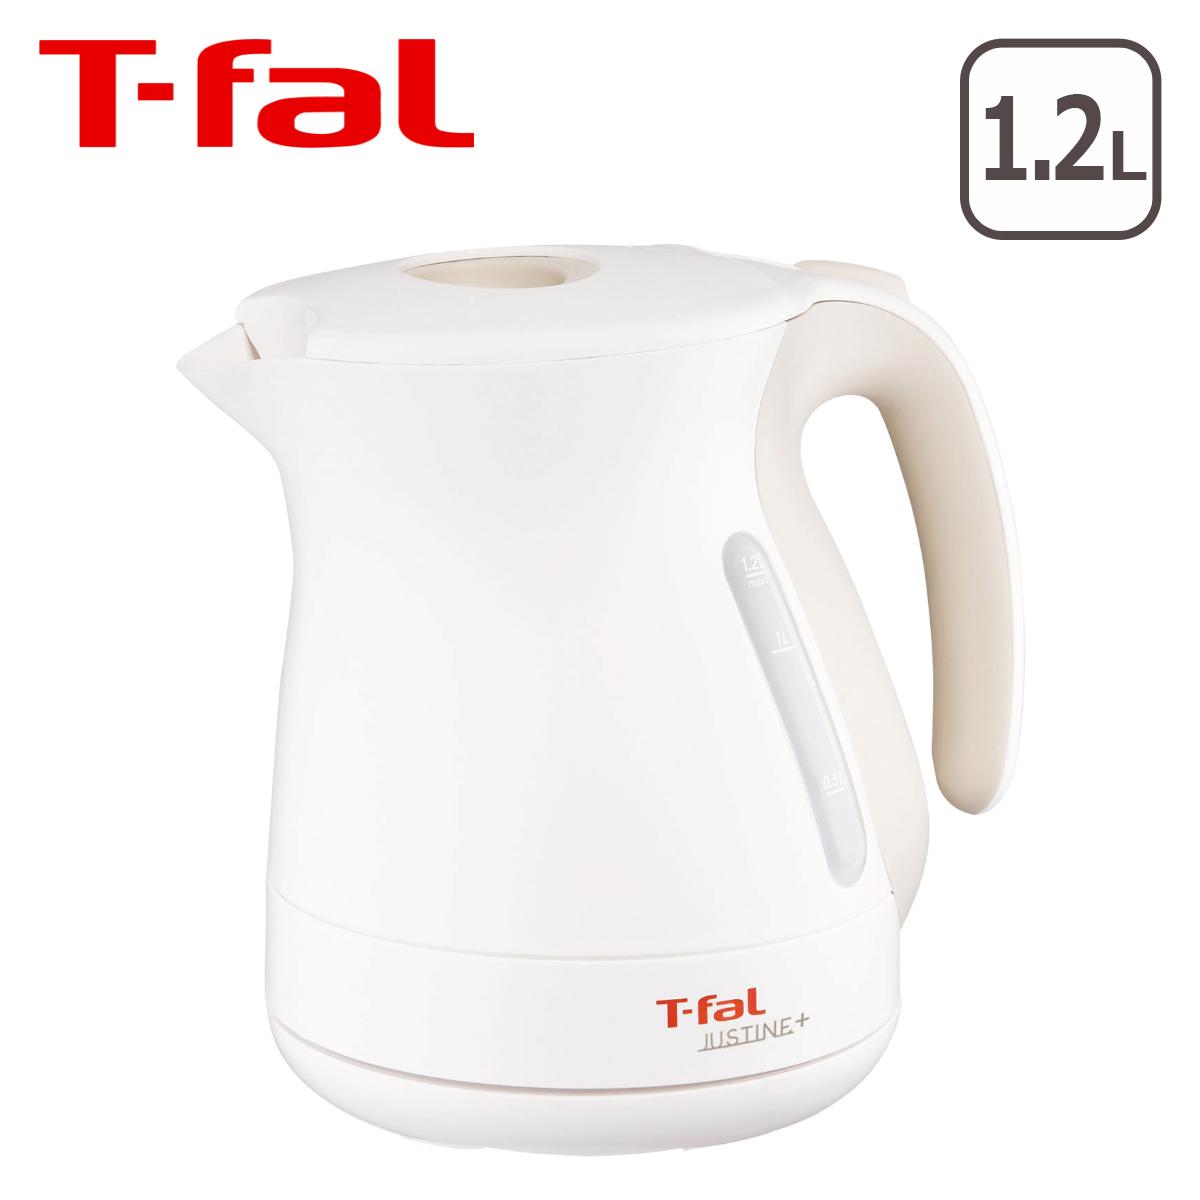 ティファール キッチン家電 海外並行輸入正規品 早い 簡単にお湯が沸く 希少 T-fal 電気ケトル プラス ジャスティン KO340177 サーブル 1.2L